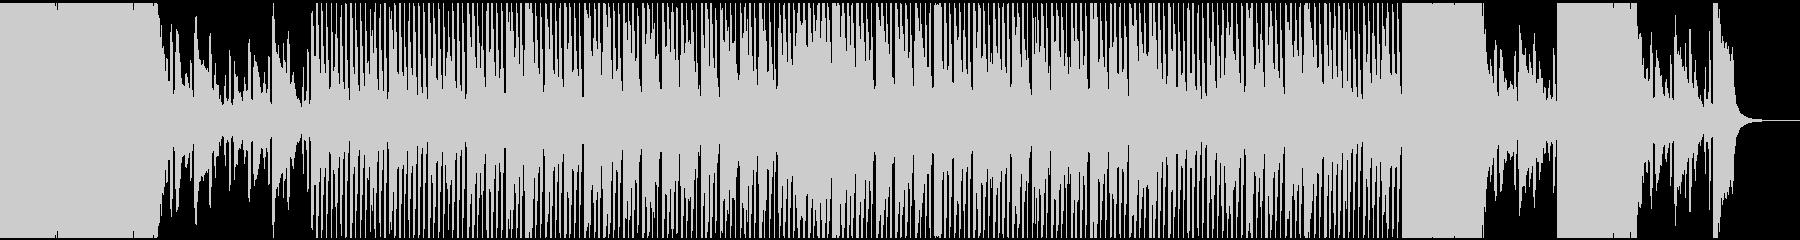 迫力(不安,安堵感)あるテクノサウンドの未再生の波形